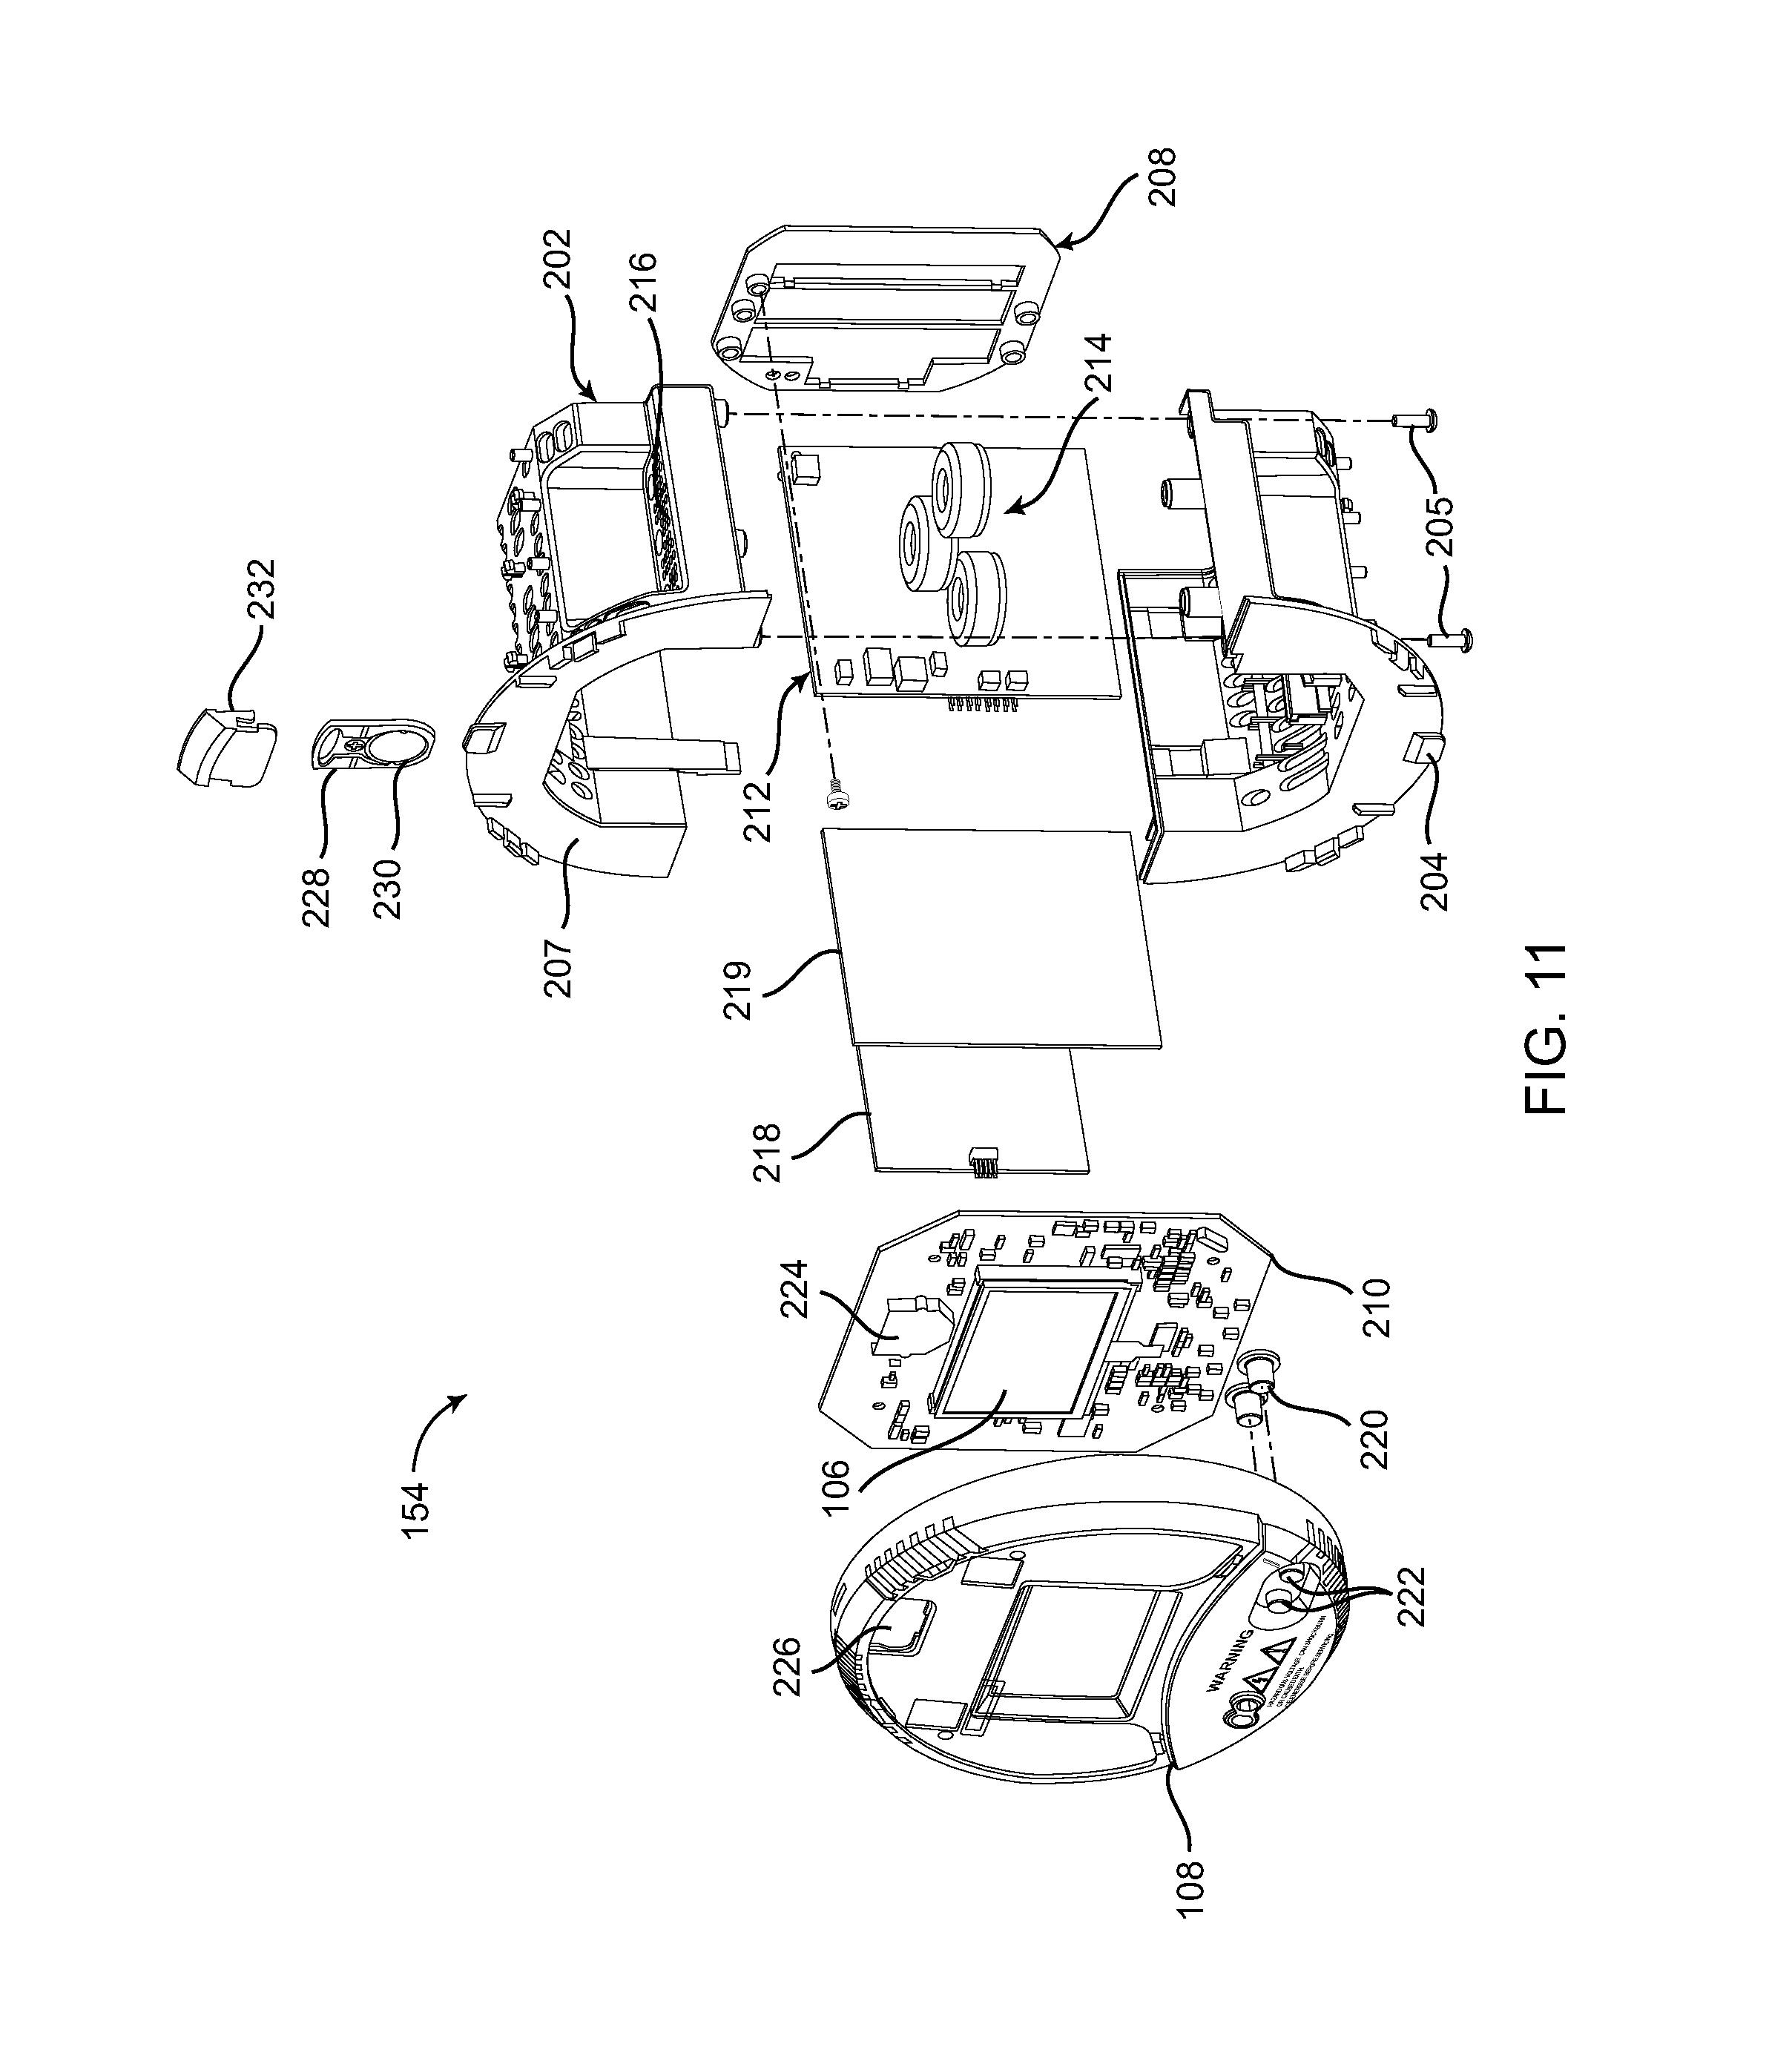 x8r wiring diagram wiring diagram Tarot Hexacopter Wiring-Diagram gibson nighthawk wiring diagram online wiring diagr 90 wiring diagram for sg wiring diagram databasep90 pot wiring